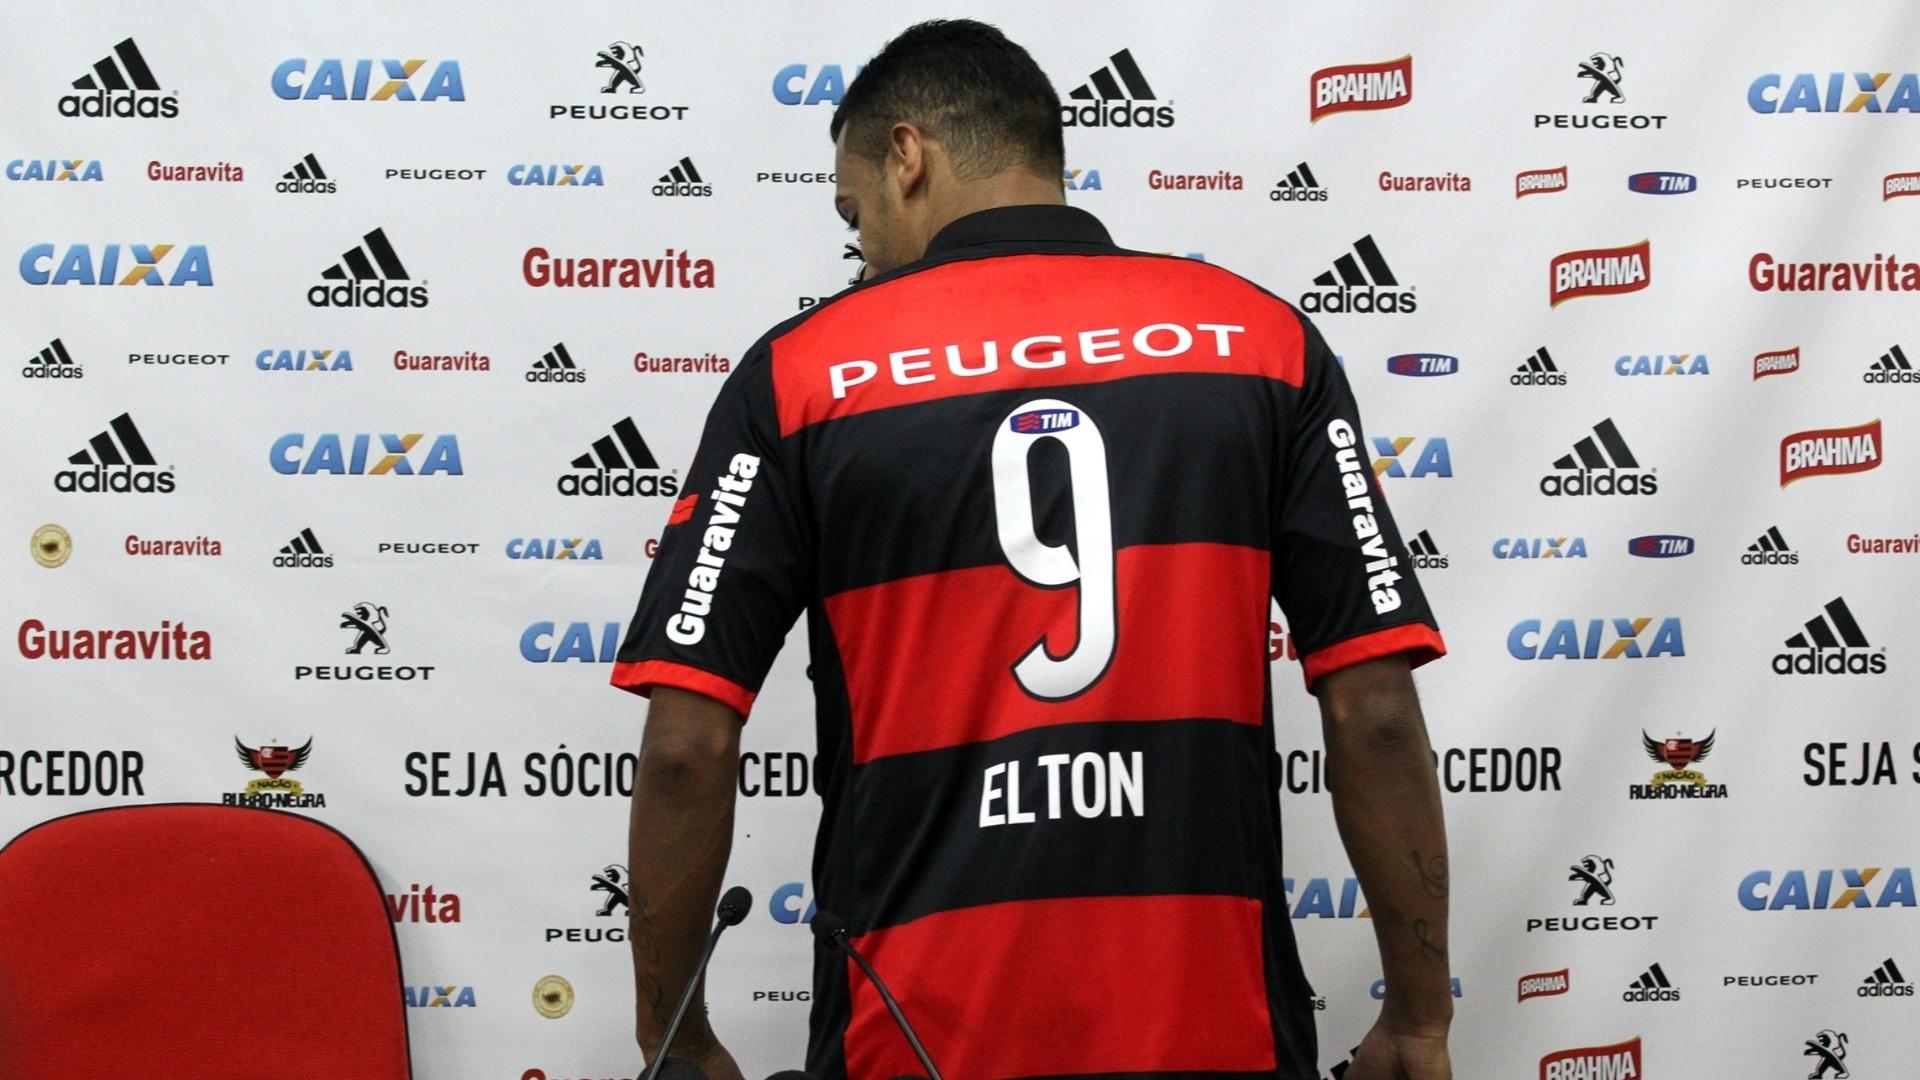 21 ago. 2014 - Com a camisa número 9, atacante Elton é apresentado pelo Flamengo no Ninho do Urubu